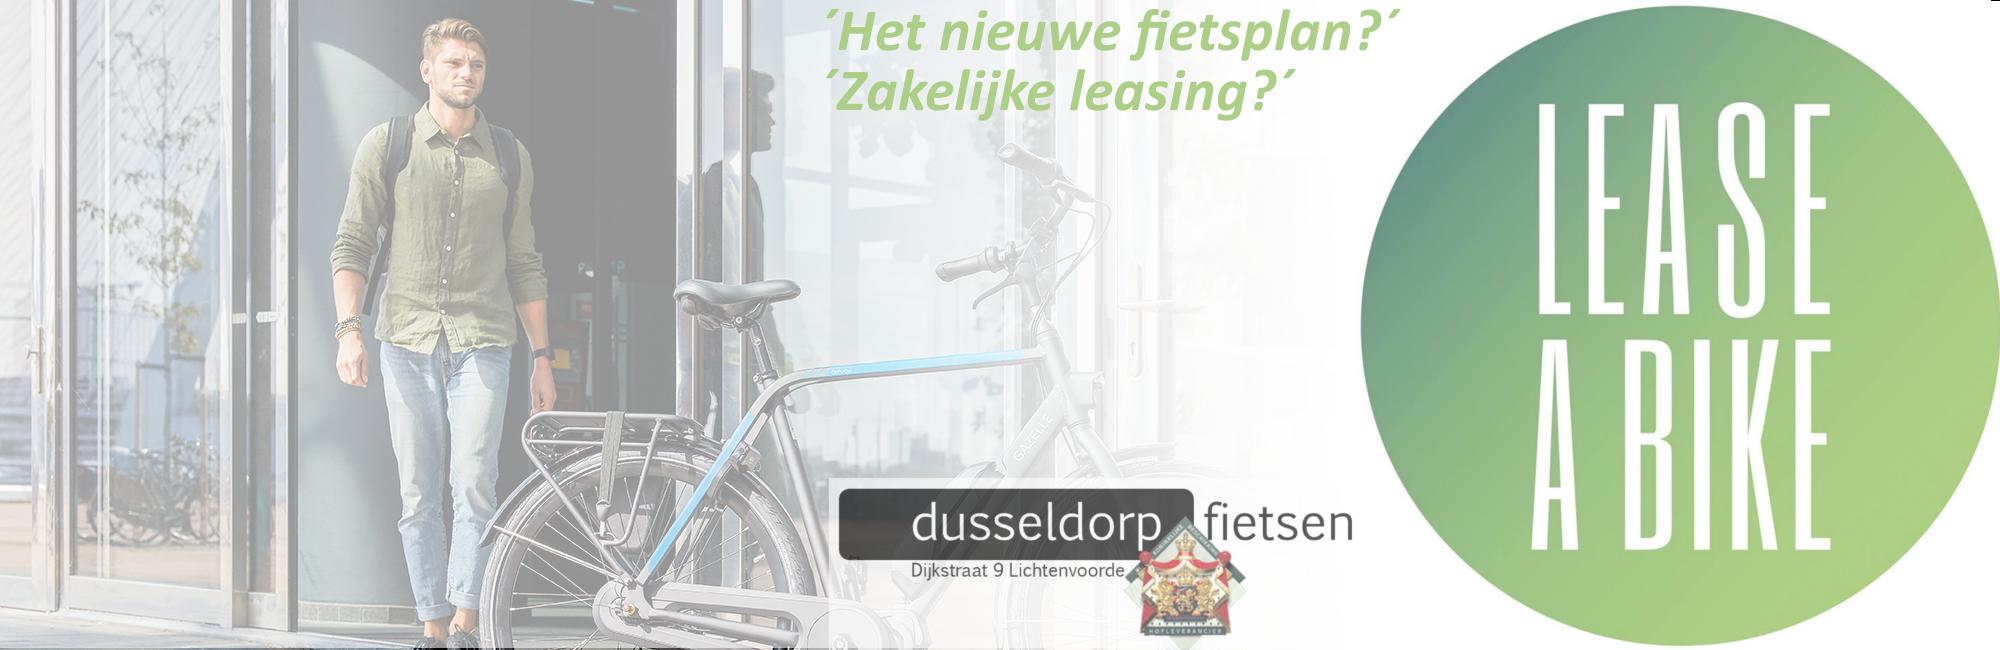 Lease-A-Bike! Bij Dusseldorp fietsen